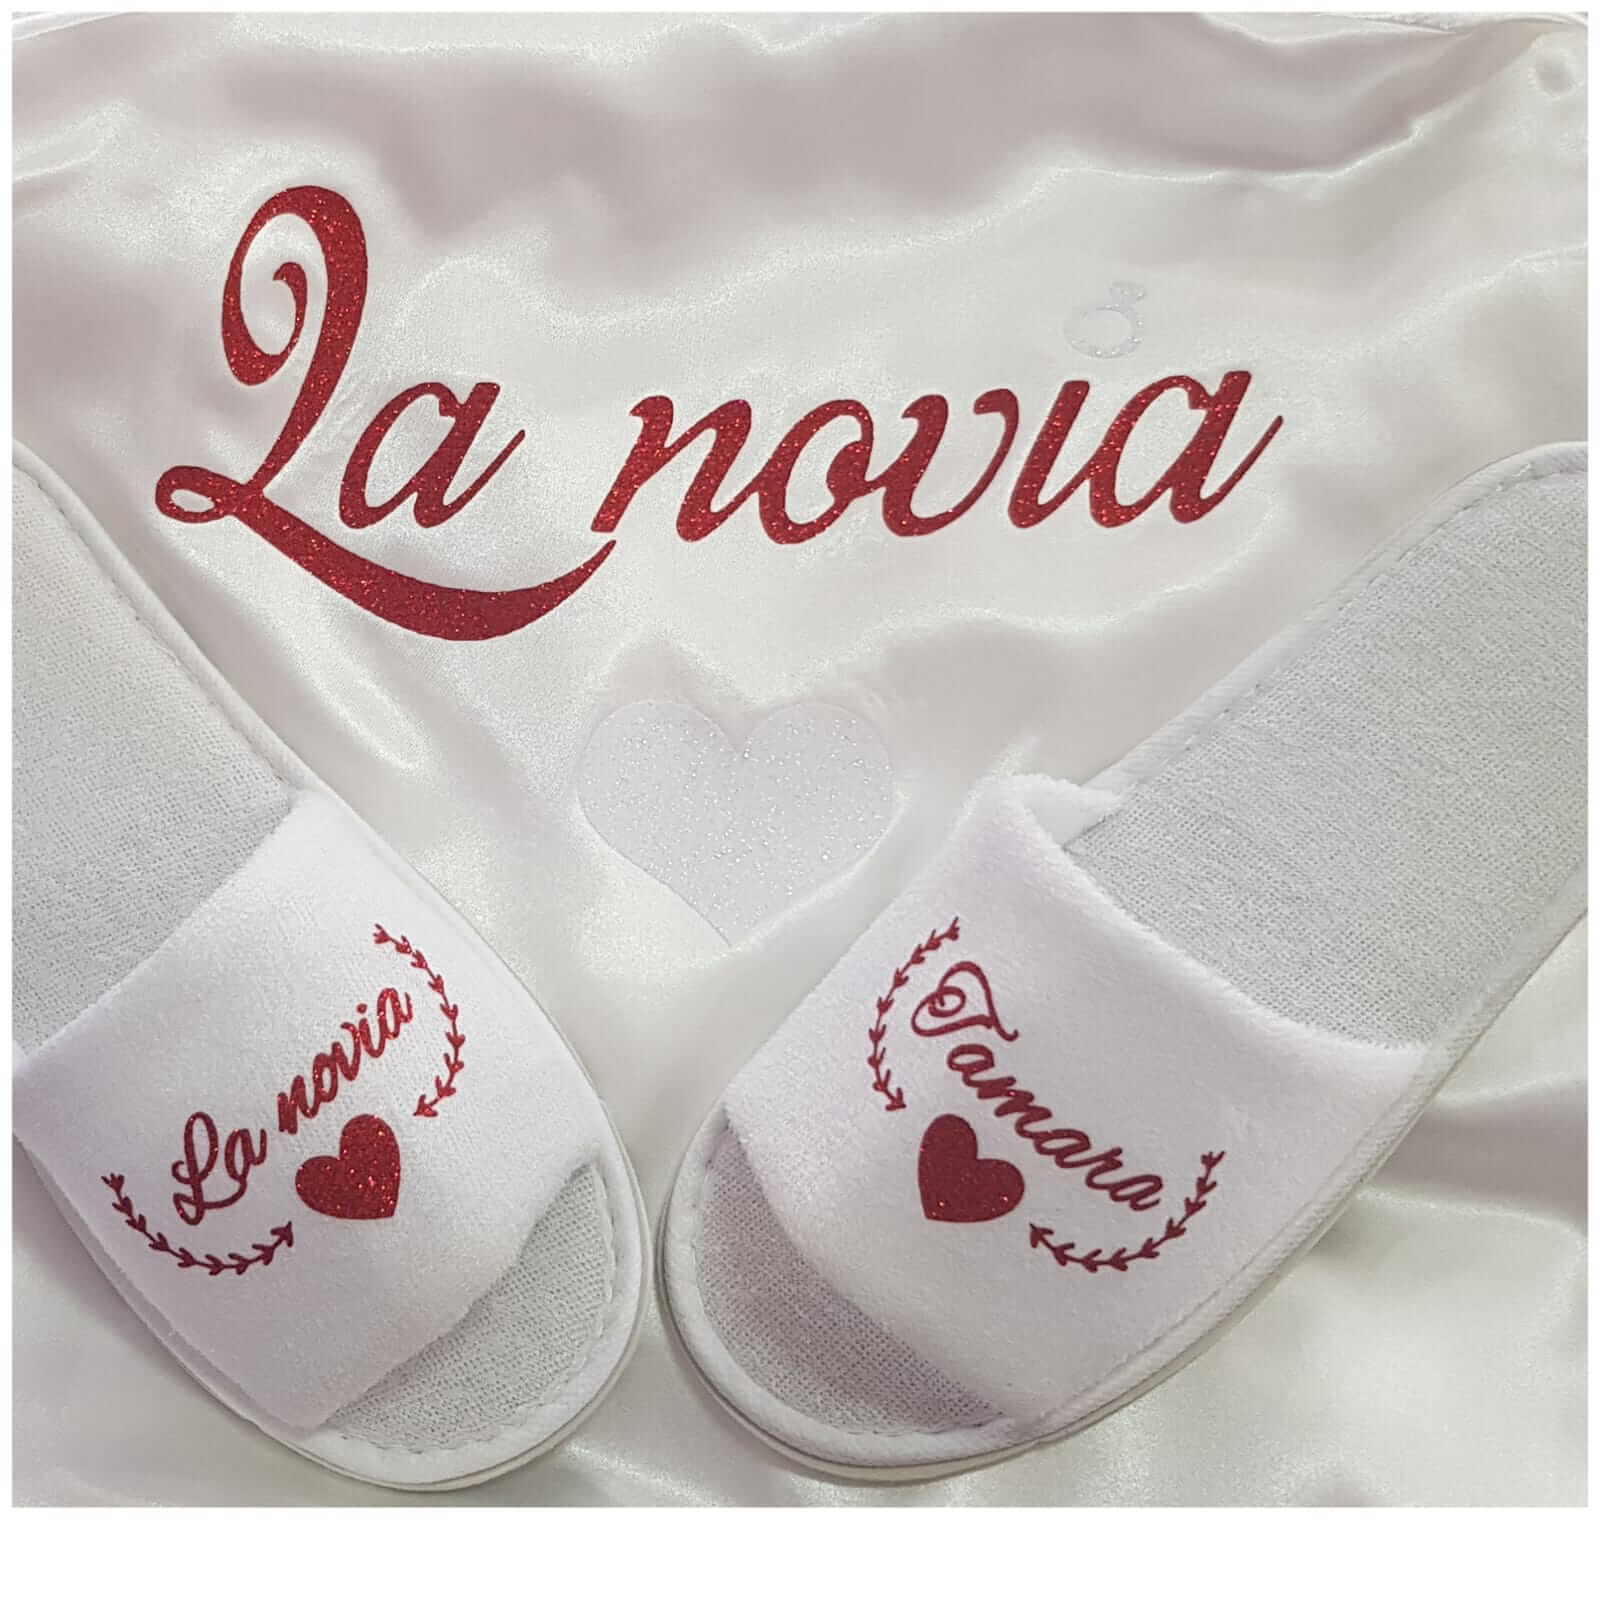 bata personalizada zapatillas personalizadas novia - zapatillas personalizadas novia boda 6 - Bata personalizada y Zapatillas personalizadas